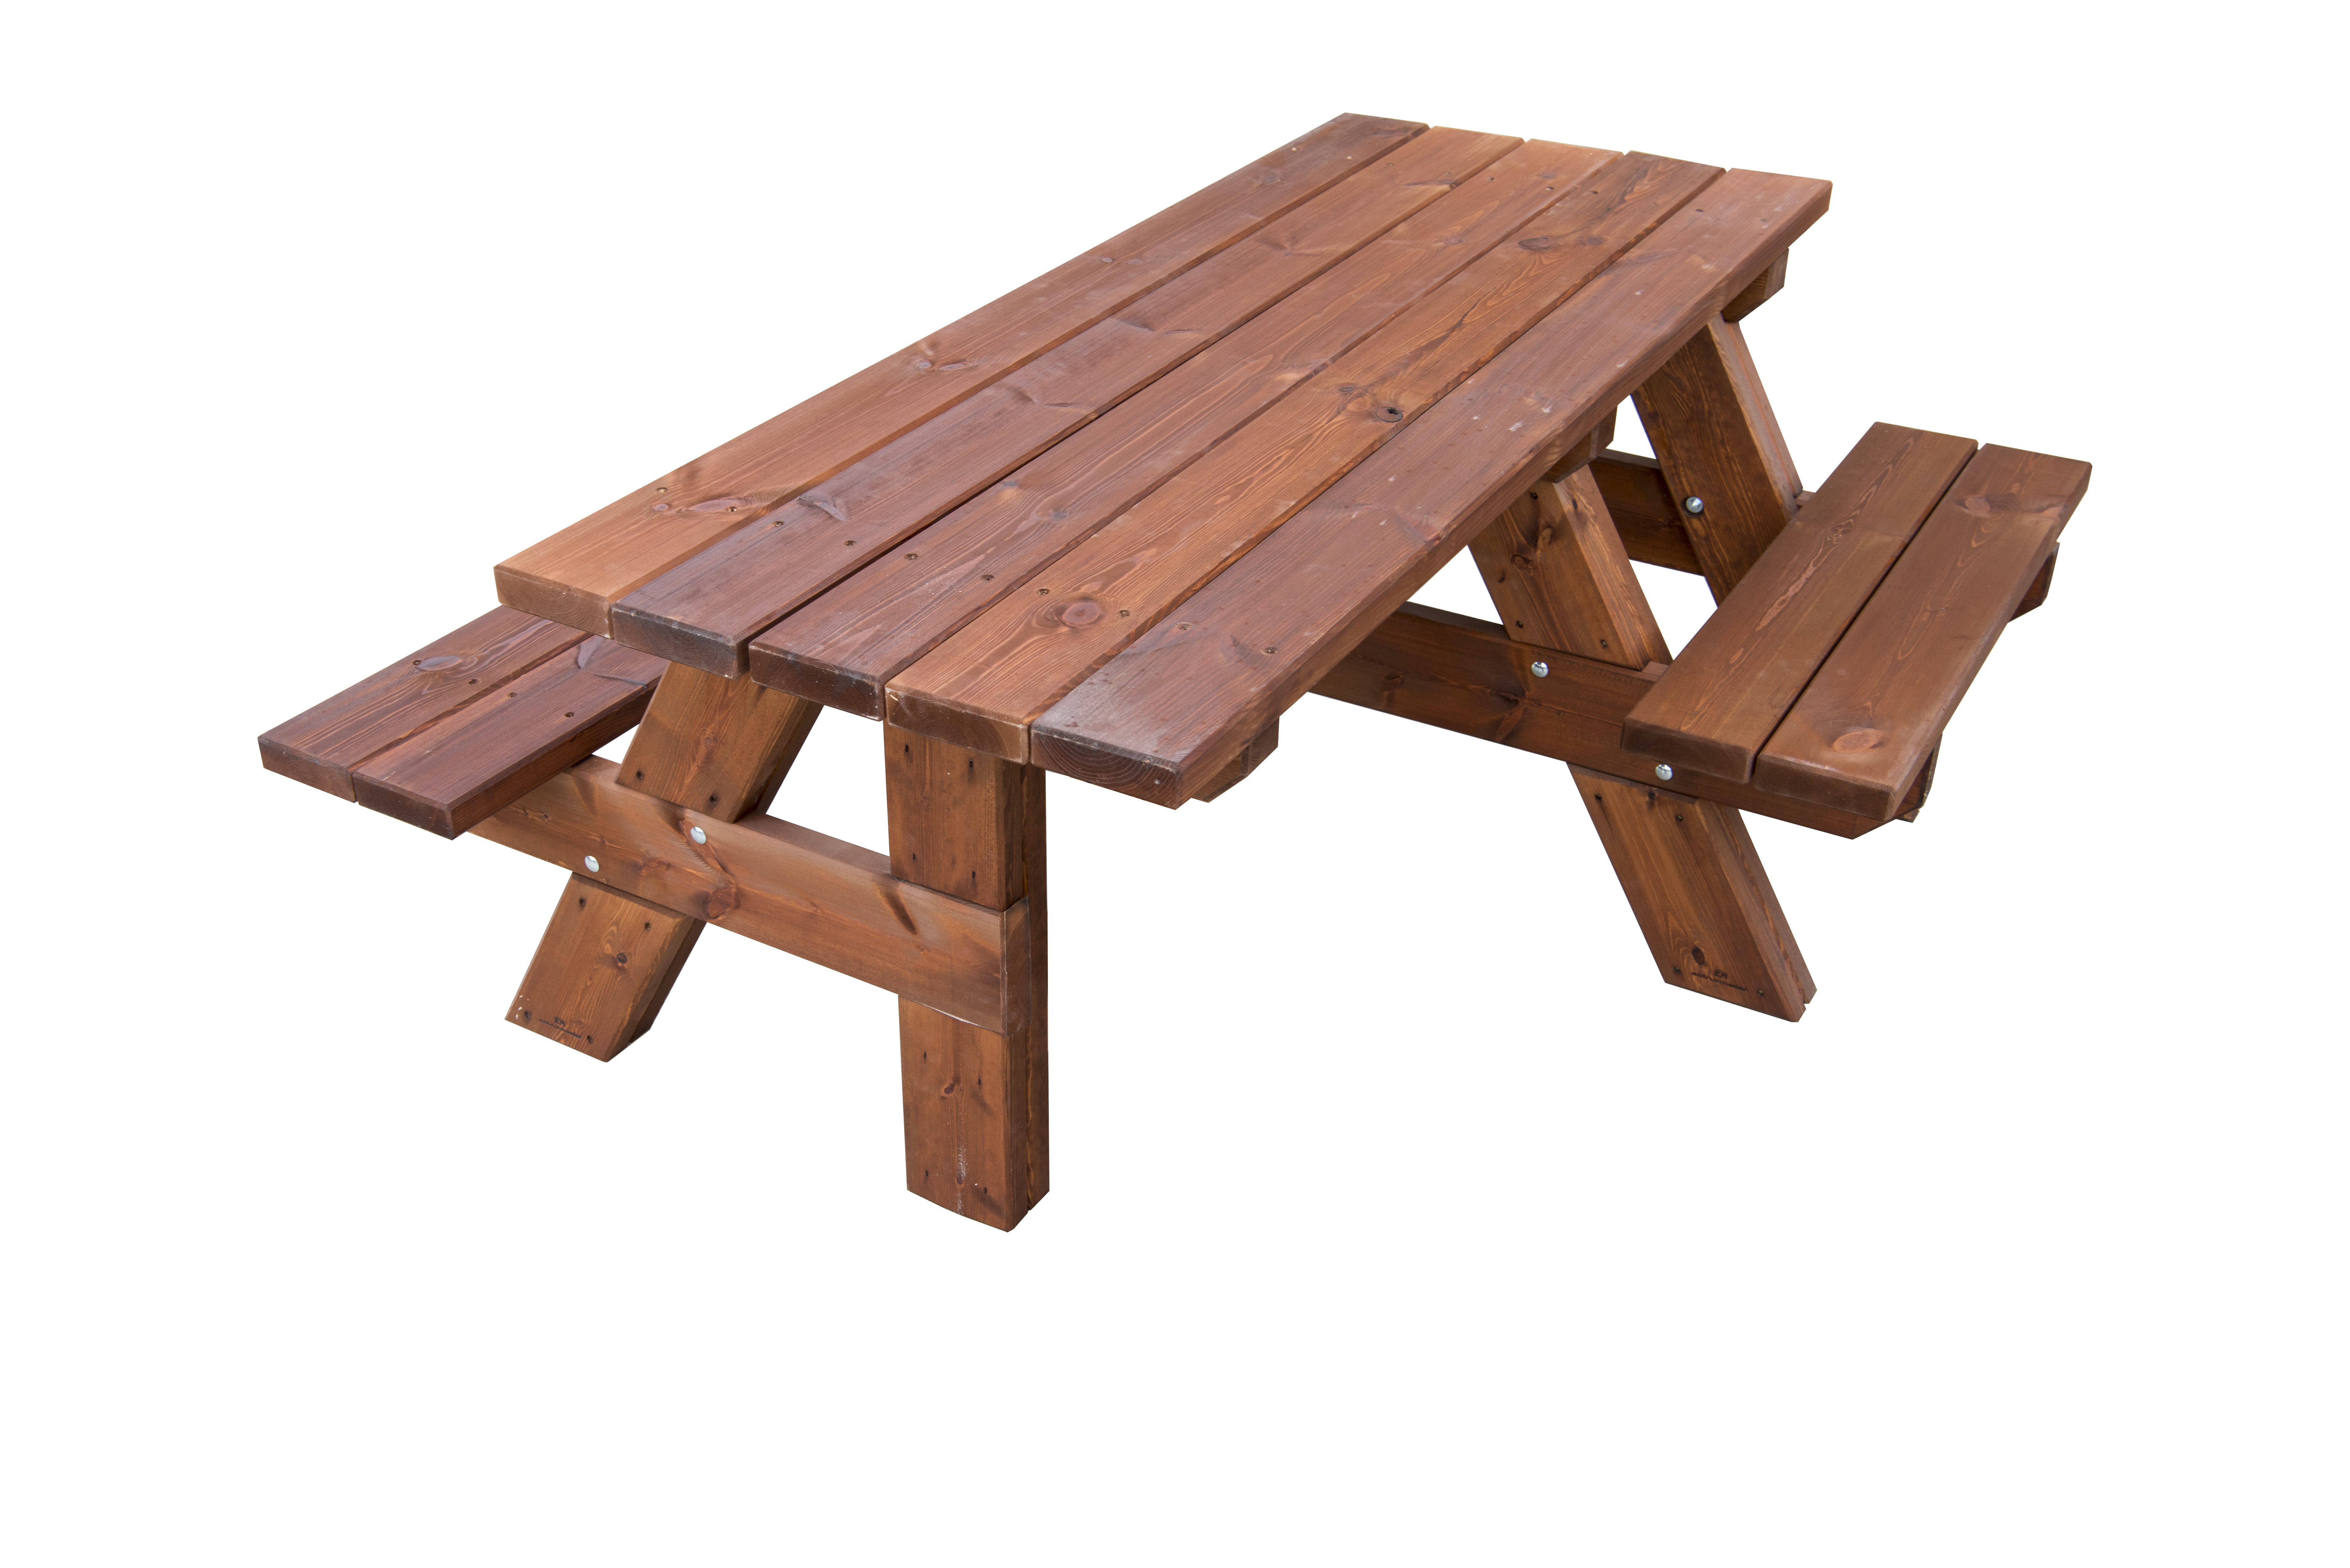 Mesa de picnic de madera maciza adaptada para silla de ruedas